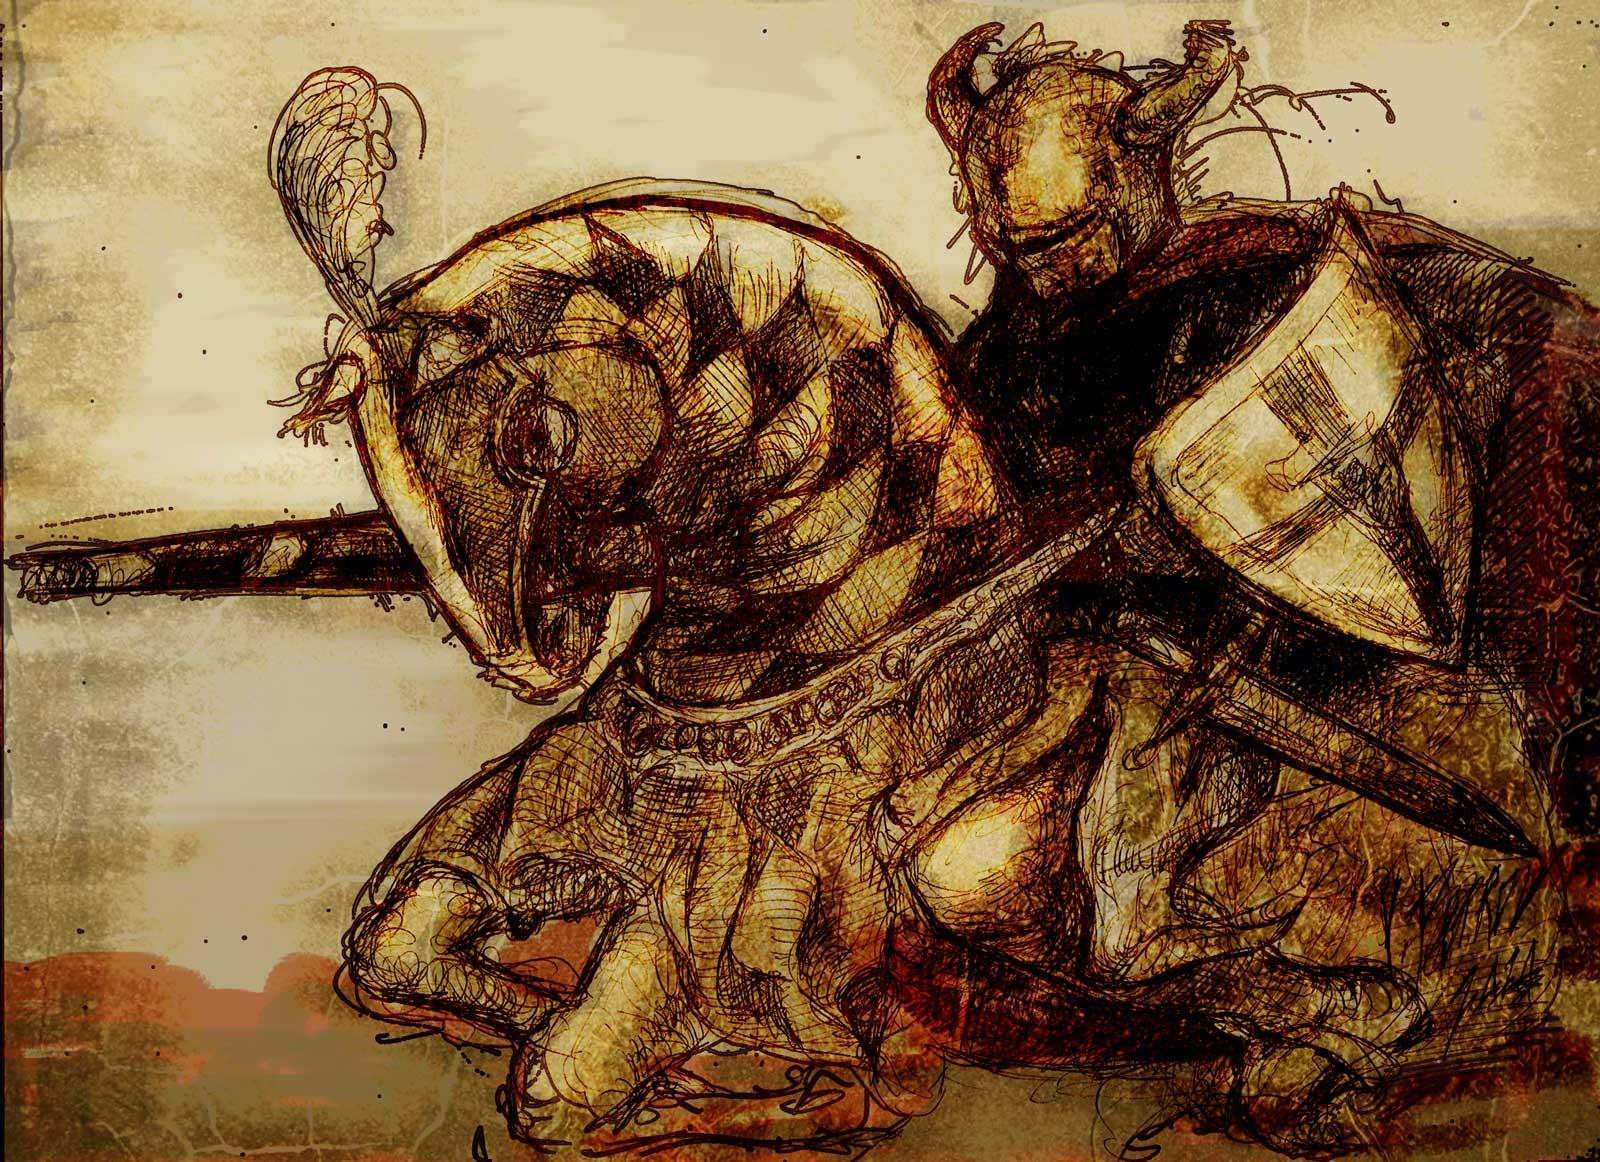 Medieval Knight by Vlados7 on DeviantArt